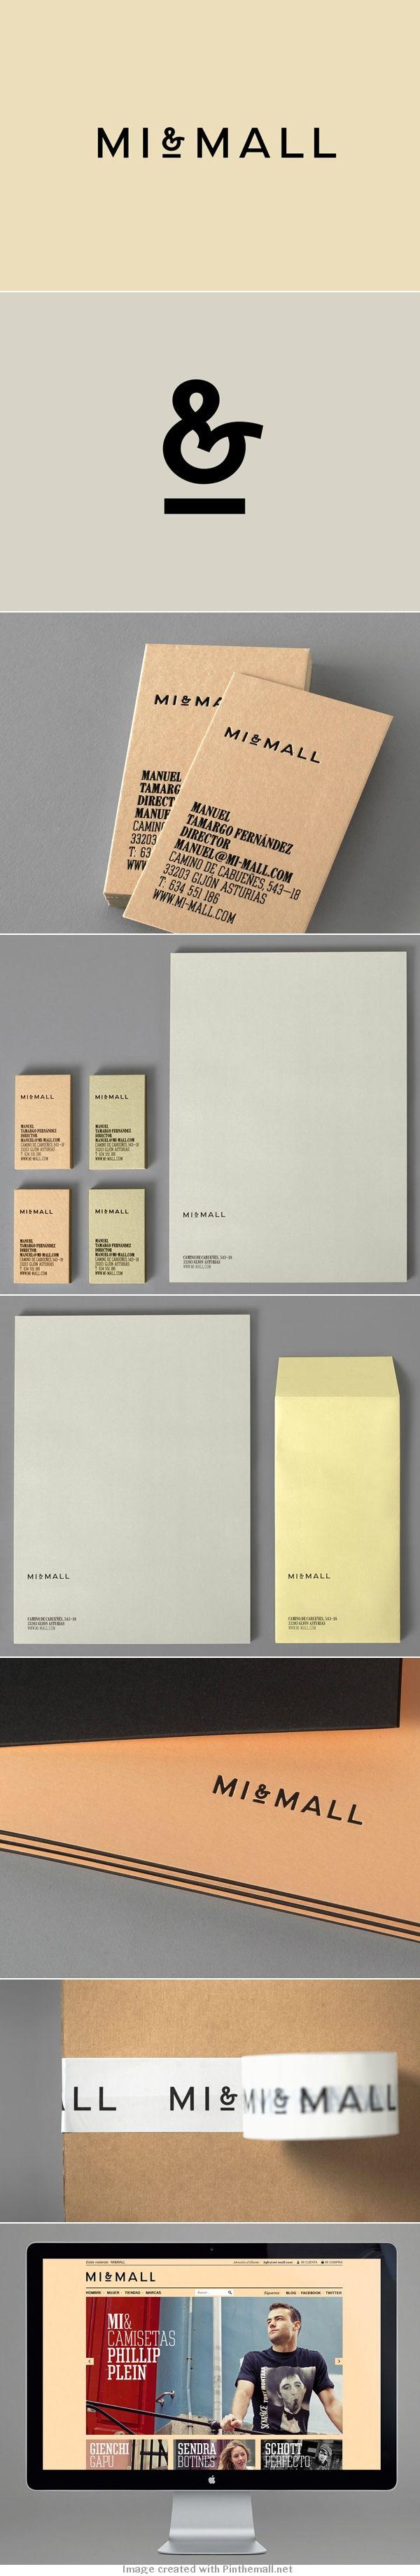 Corporate design letterhead letter business card logo envelop colors graphic minimal